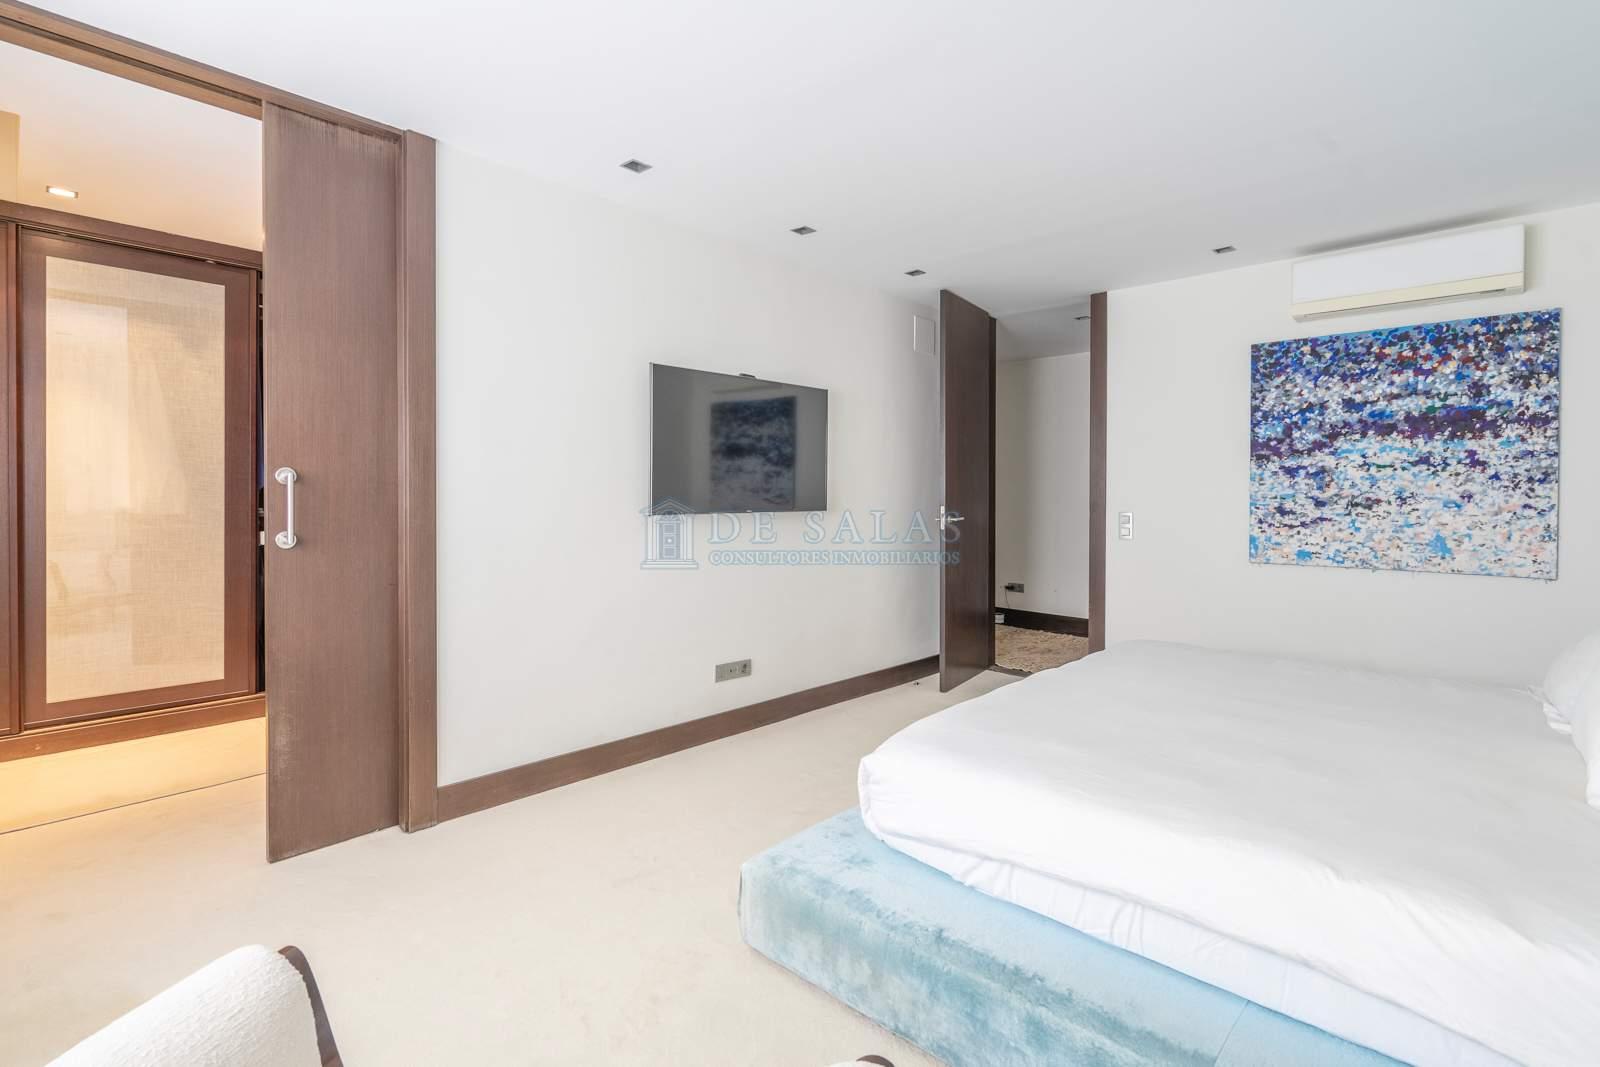 Dormitorio-11 House Soto de la Moraleja